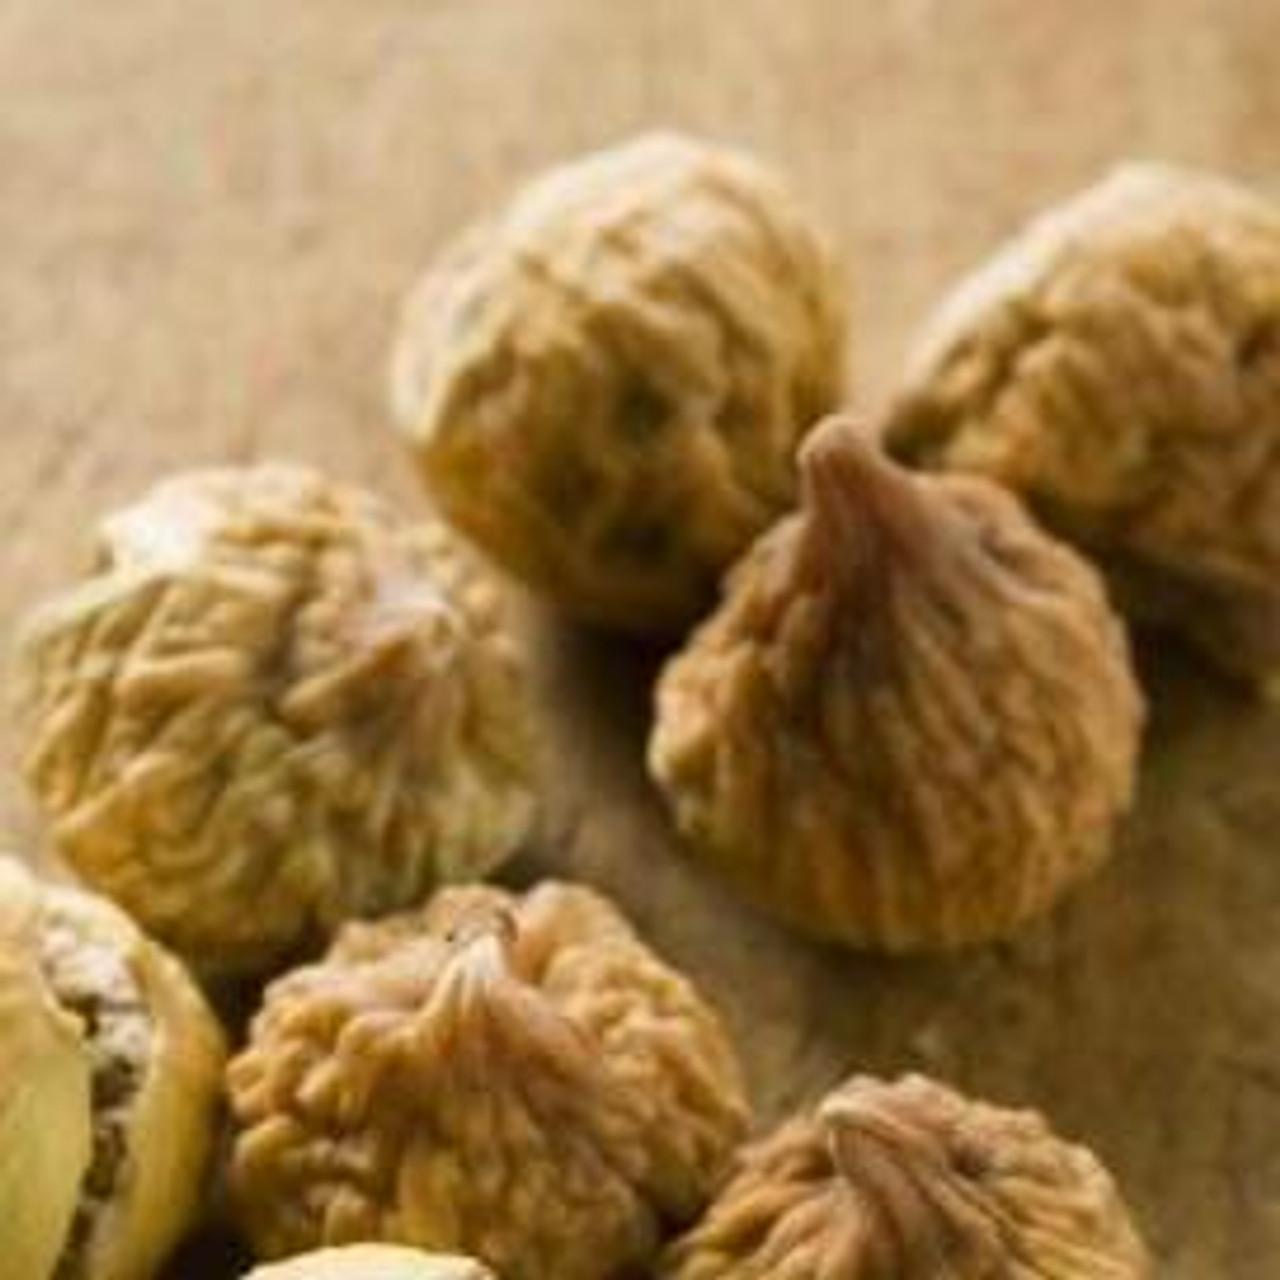 Chestnuts Dried (Castagne Secche)